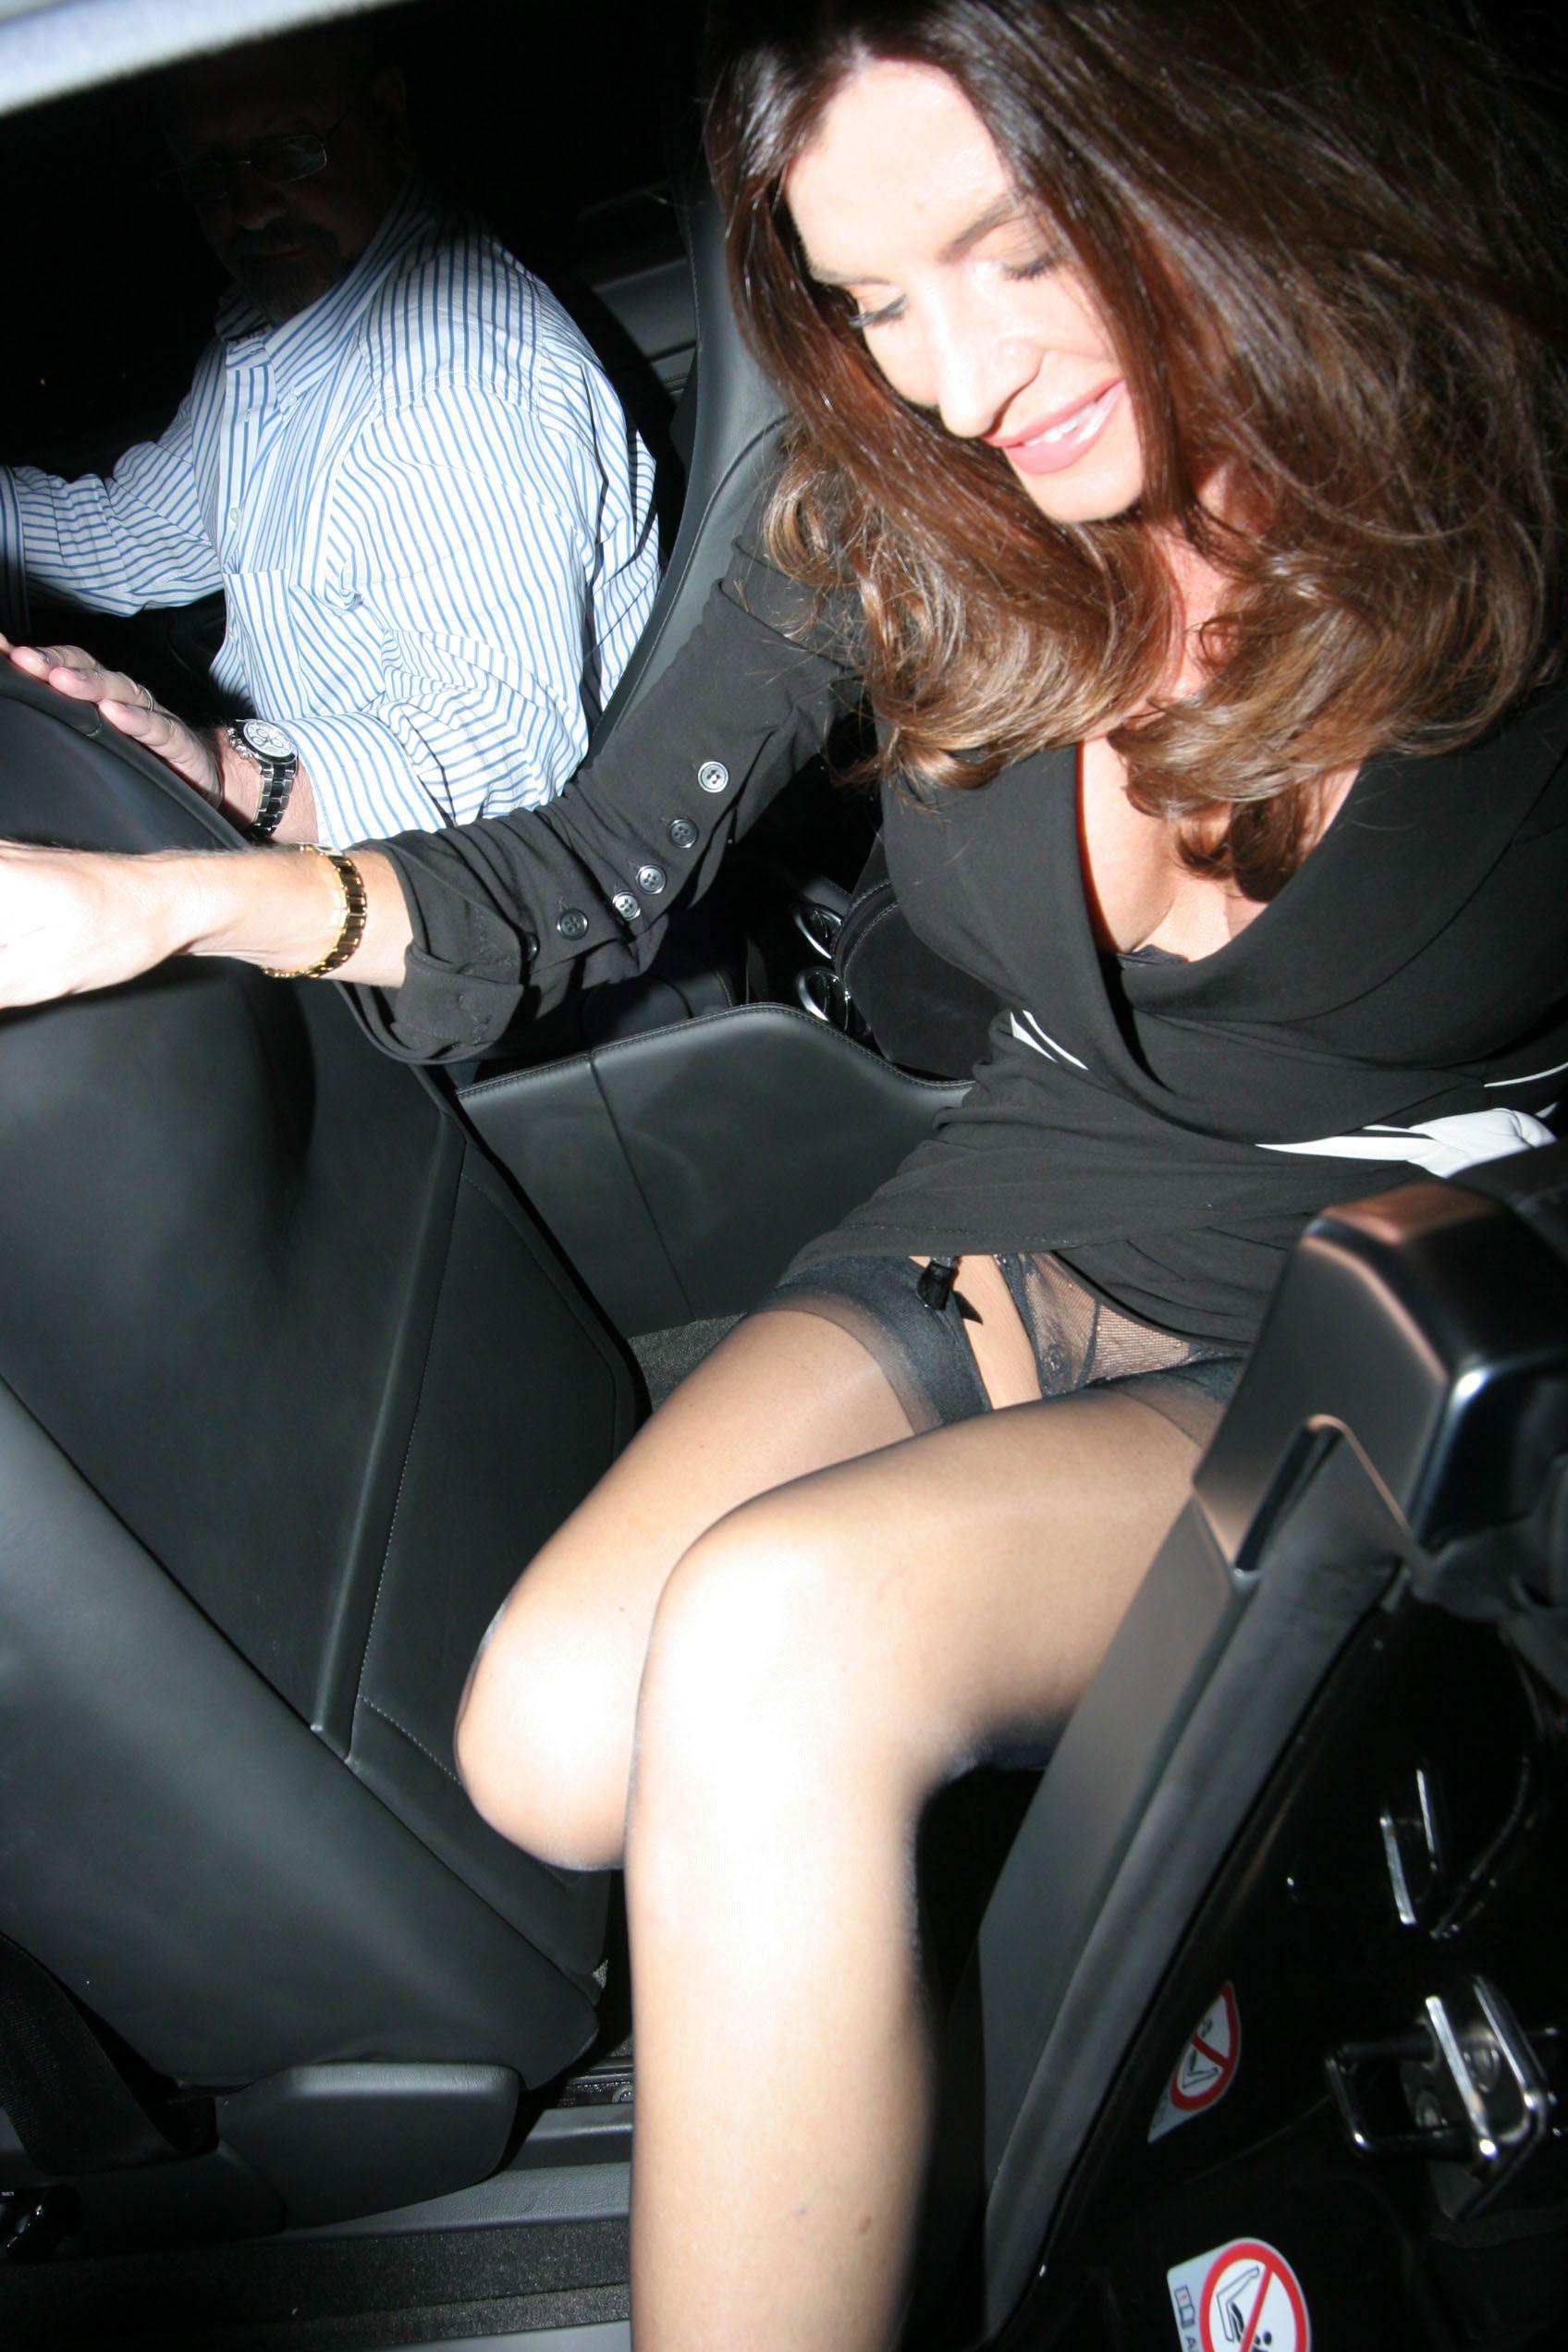 узнав выходя из машины засвет под юбками дернулась, крепко сжал